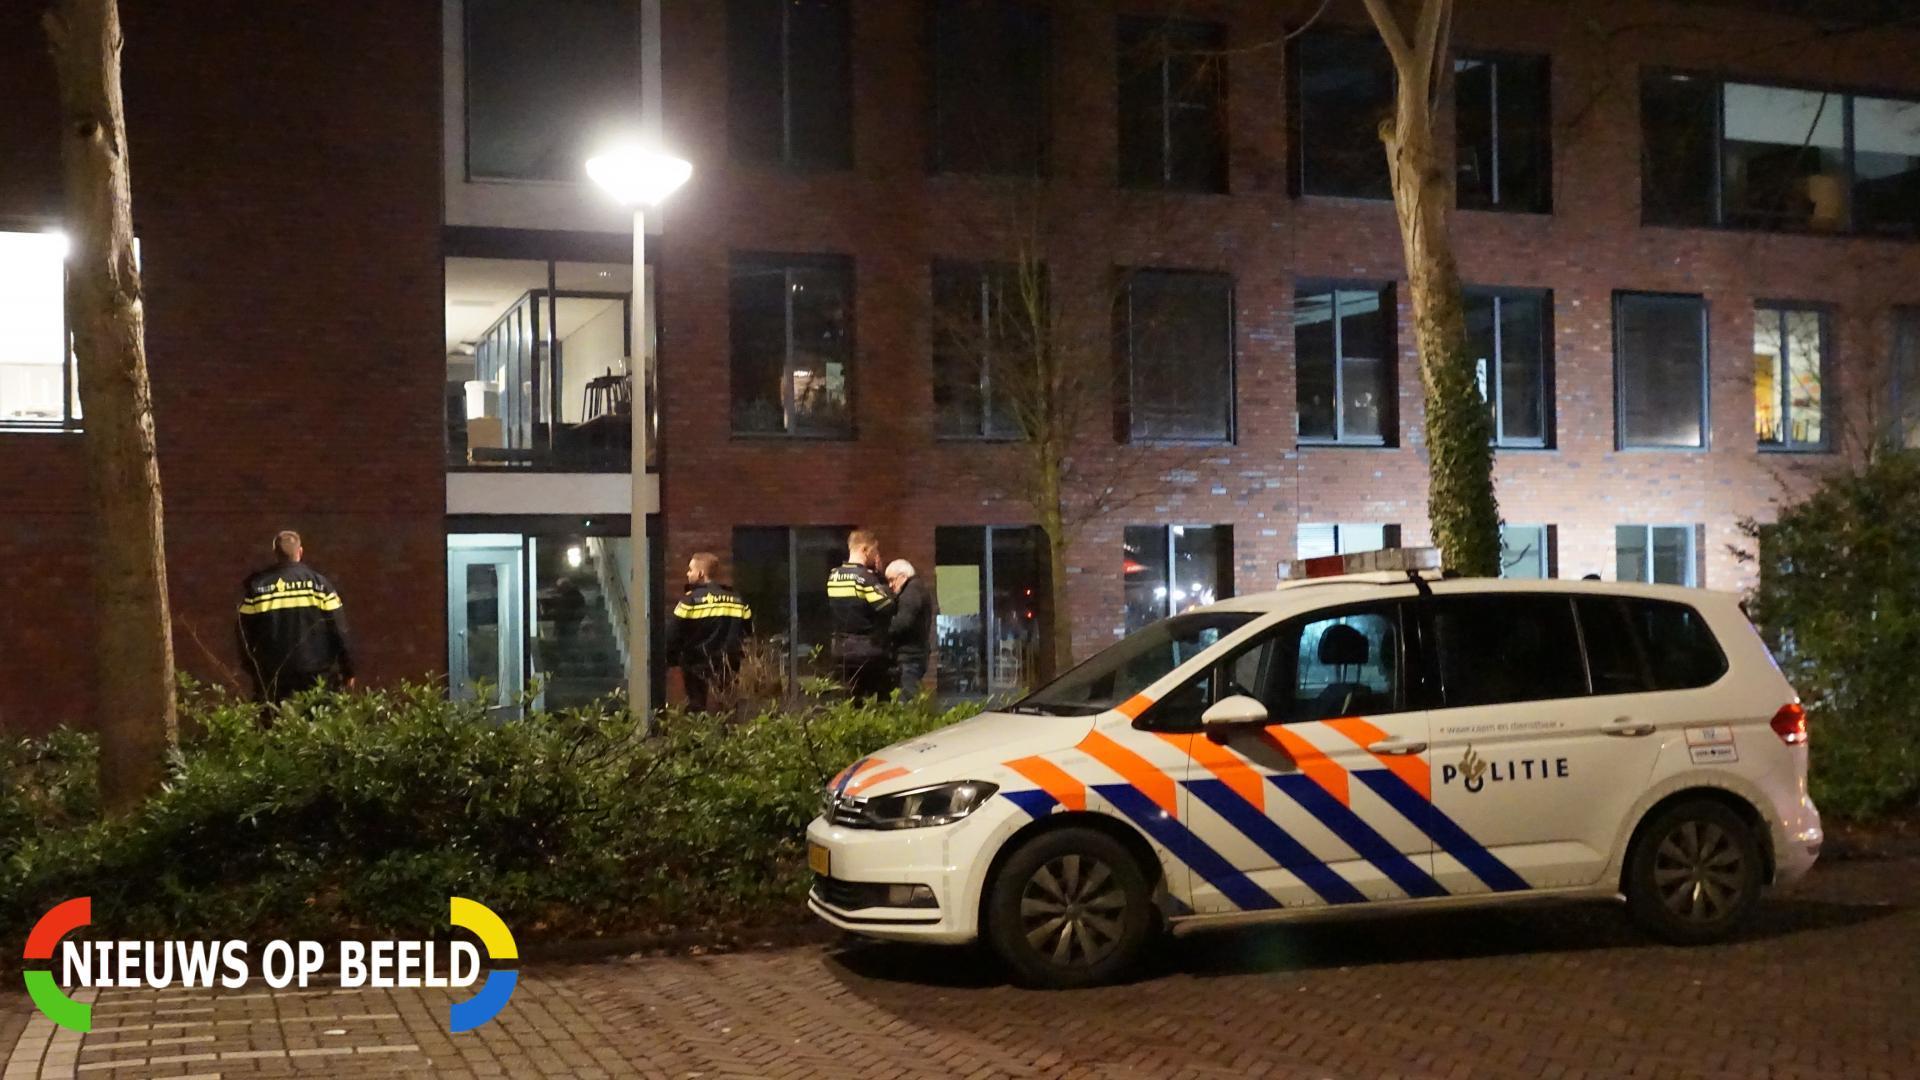 Politie doorzoekt school na melding verdachte situatie Van Vollenhovekade Leiden